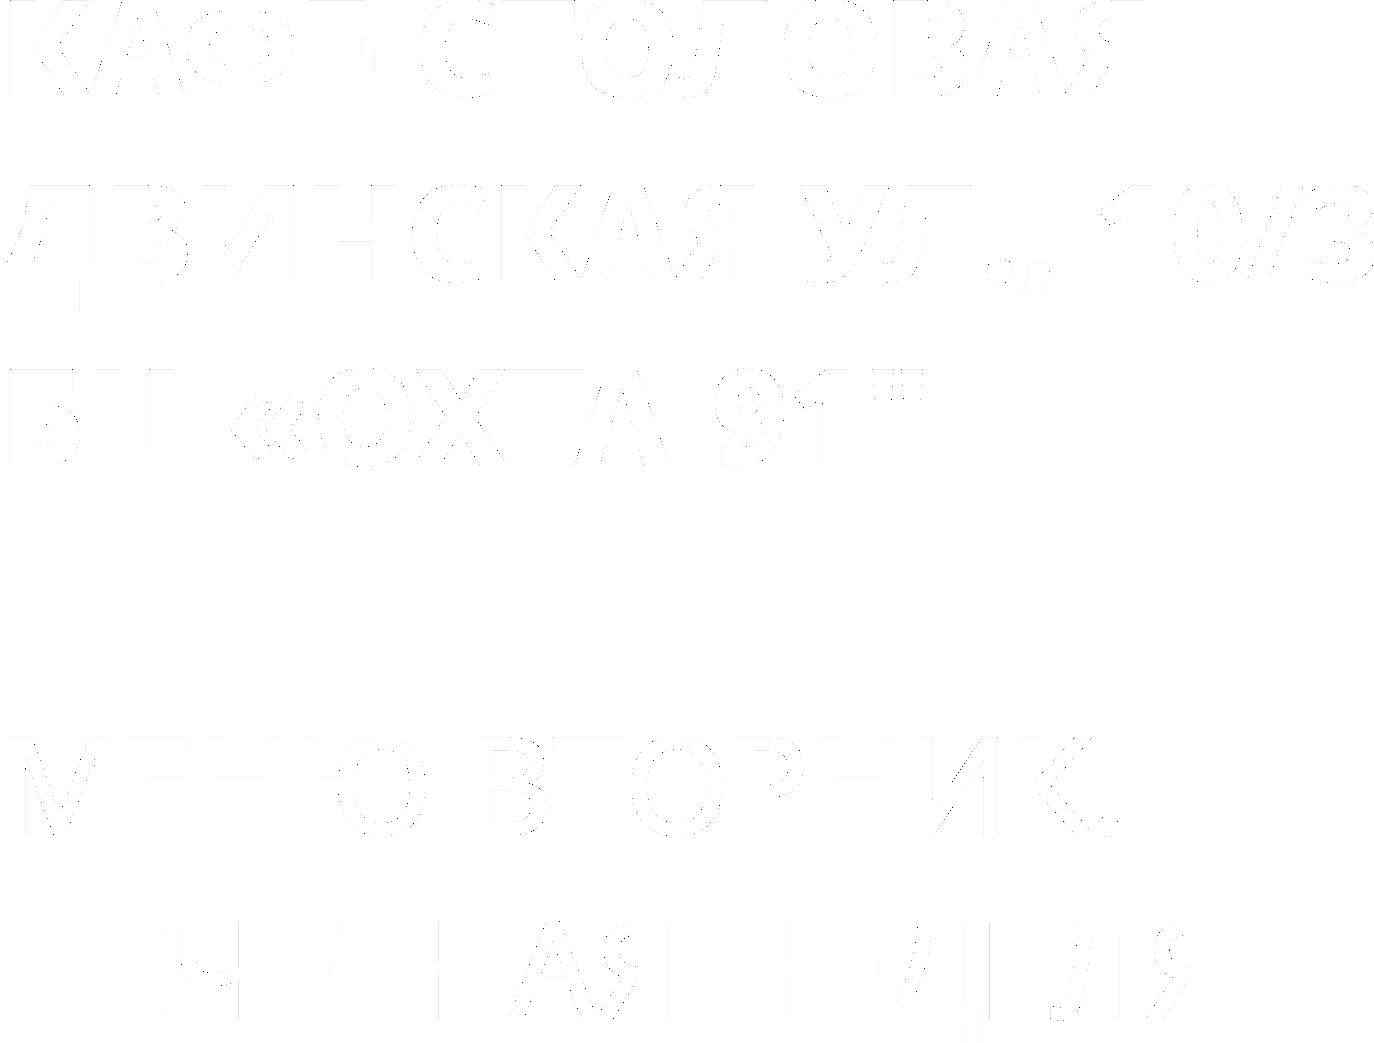 """КАФЕ-СТОЛОВАЯ БЦ """"ОХТА-91"""" Двинская ул., 10/3 МЕНЮ ВТОРНИК. НЕЧЕТНАЯ НЕДЕЛЯ"""